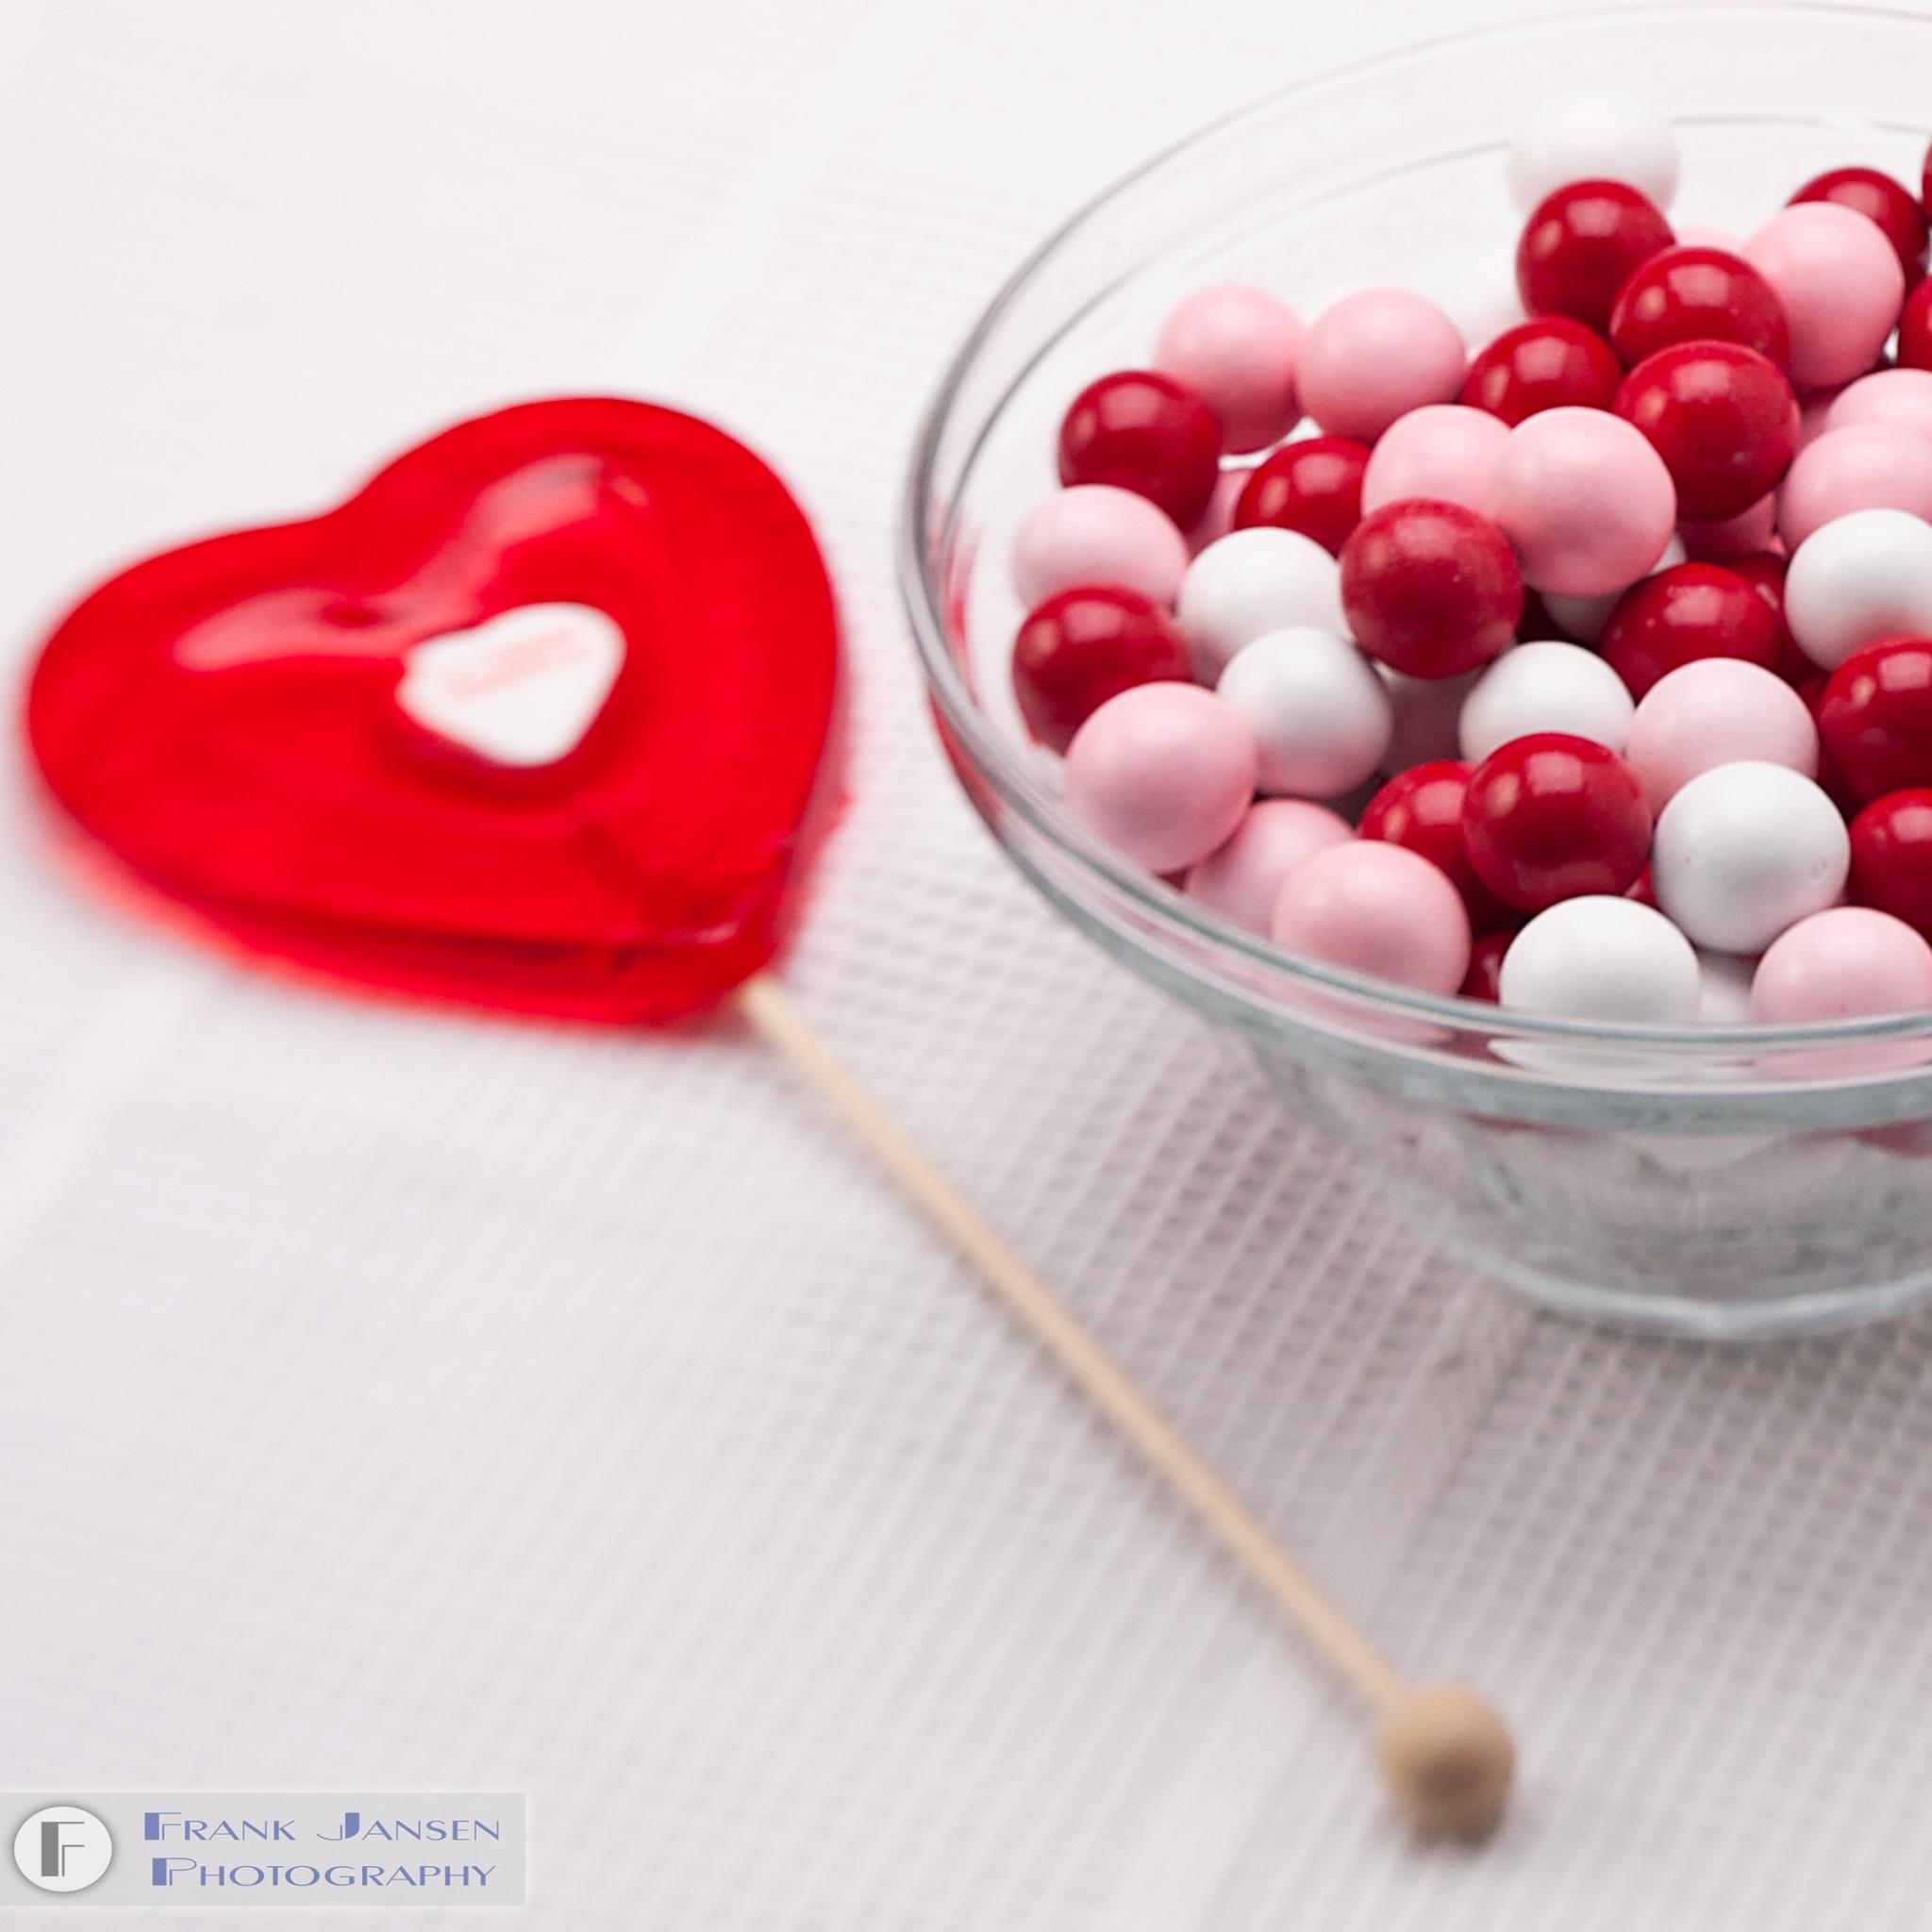 Valentine-Dish_14E9492-sq